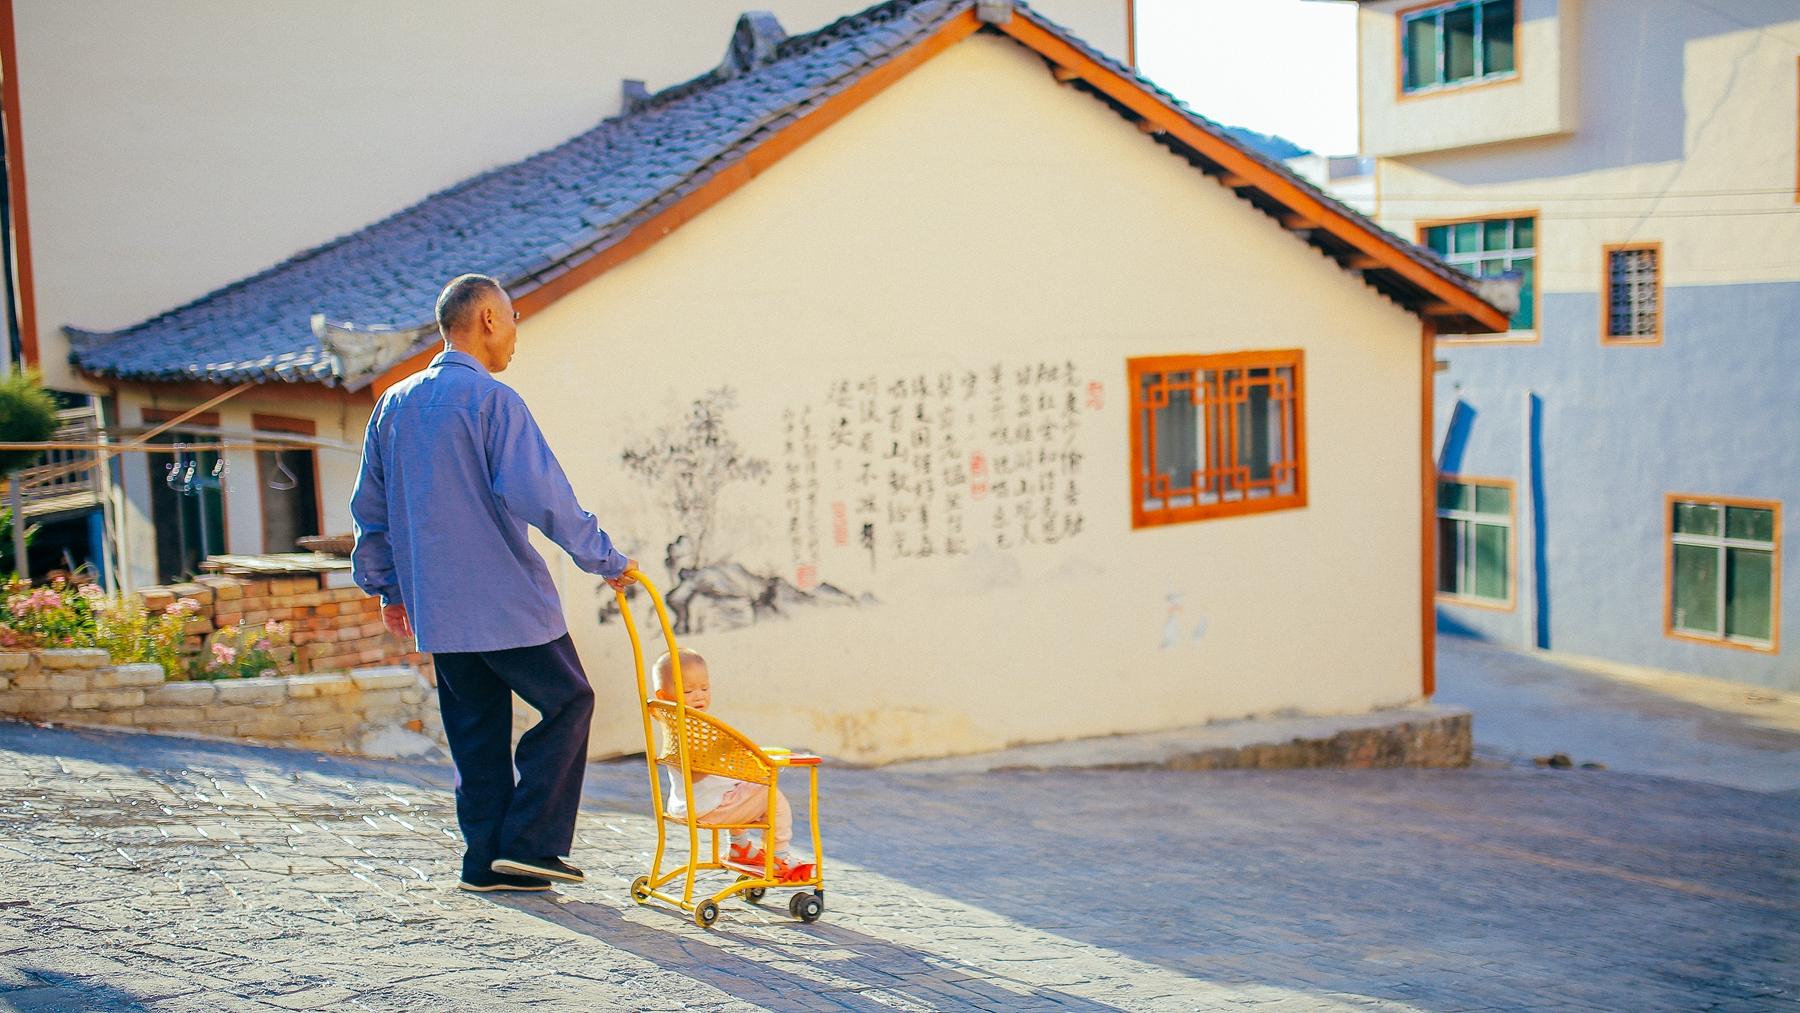 探访 布依说唱艺术之乡 贵州望谟县新屯村